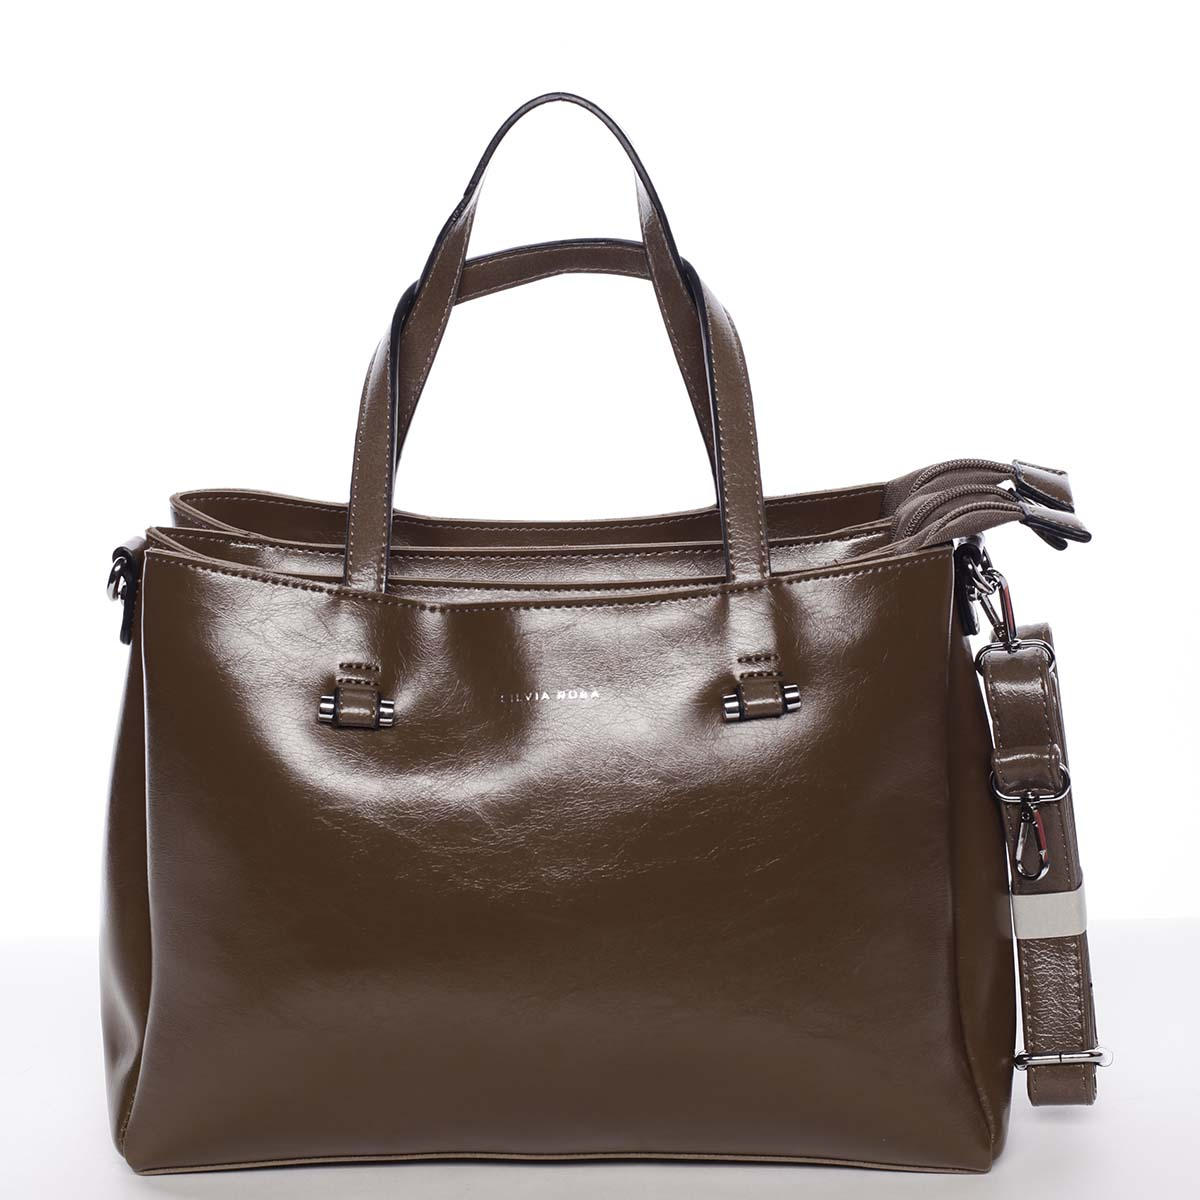 Hnědá elegantní kabelka - Silvia Rosa Saba